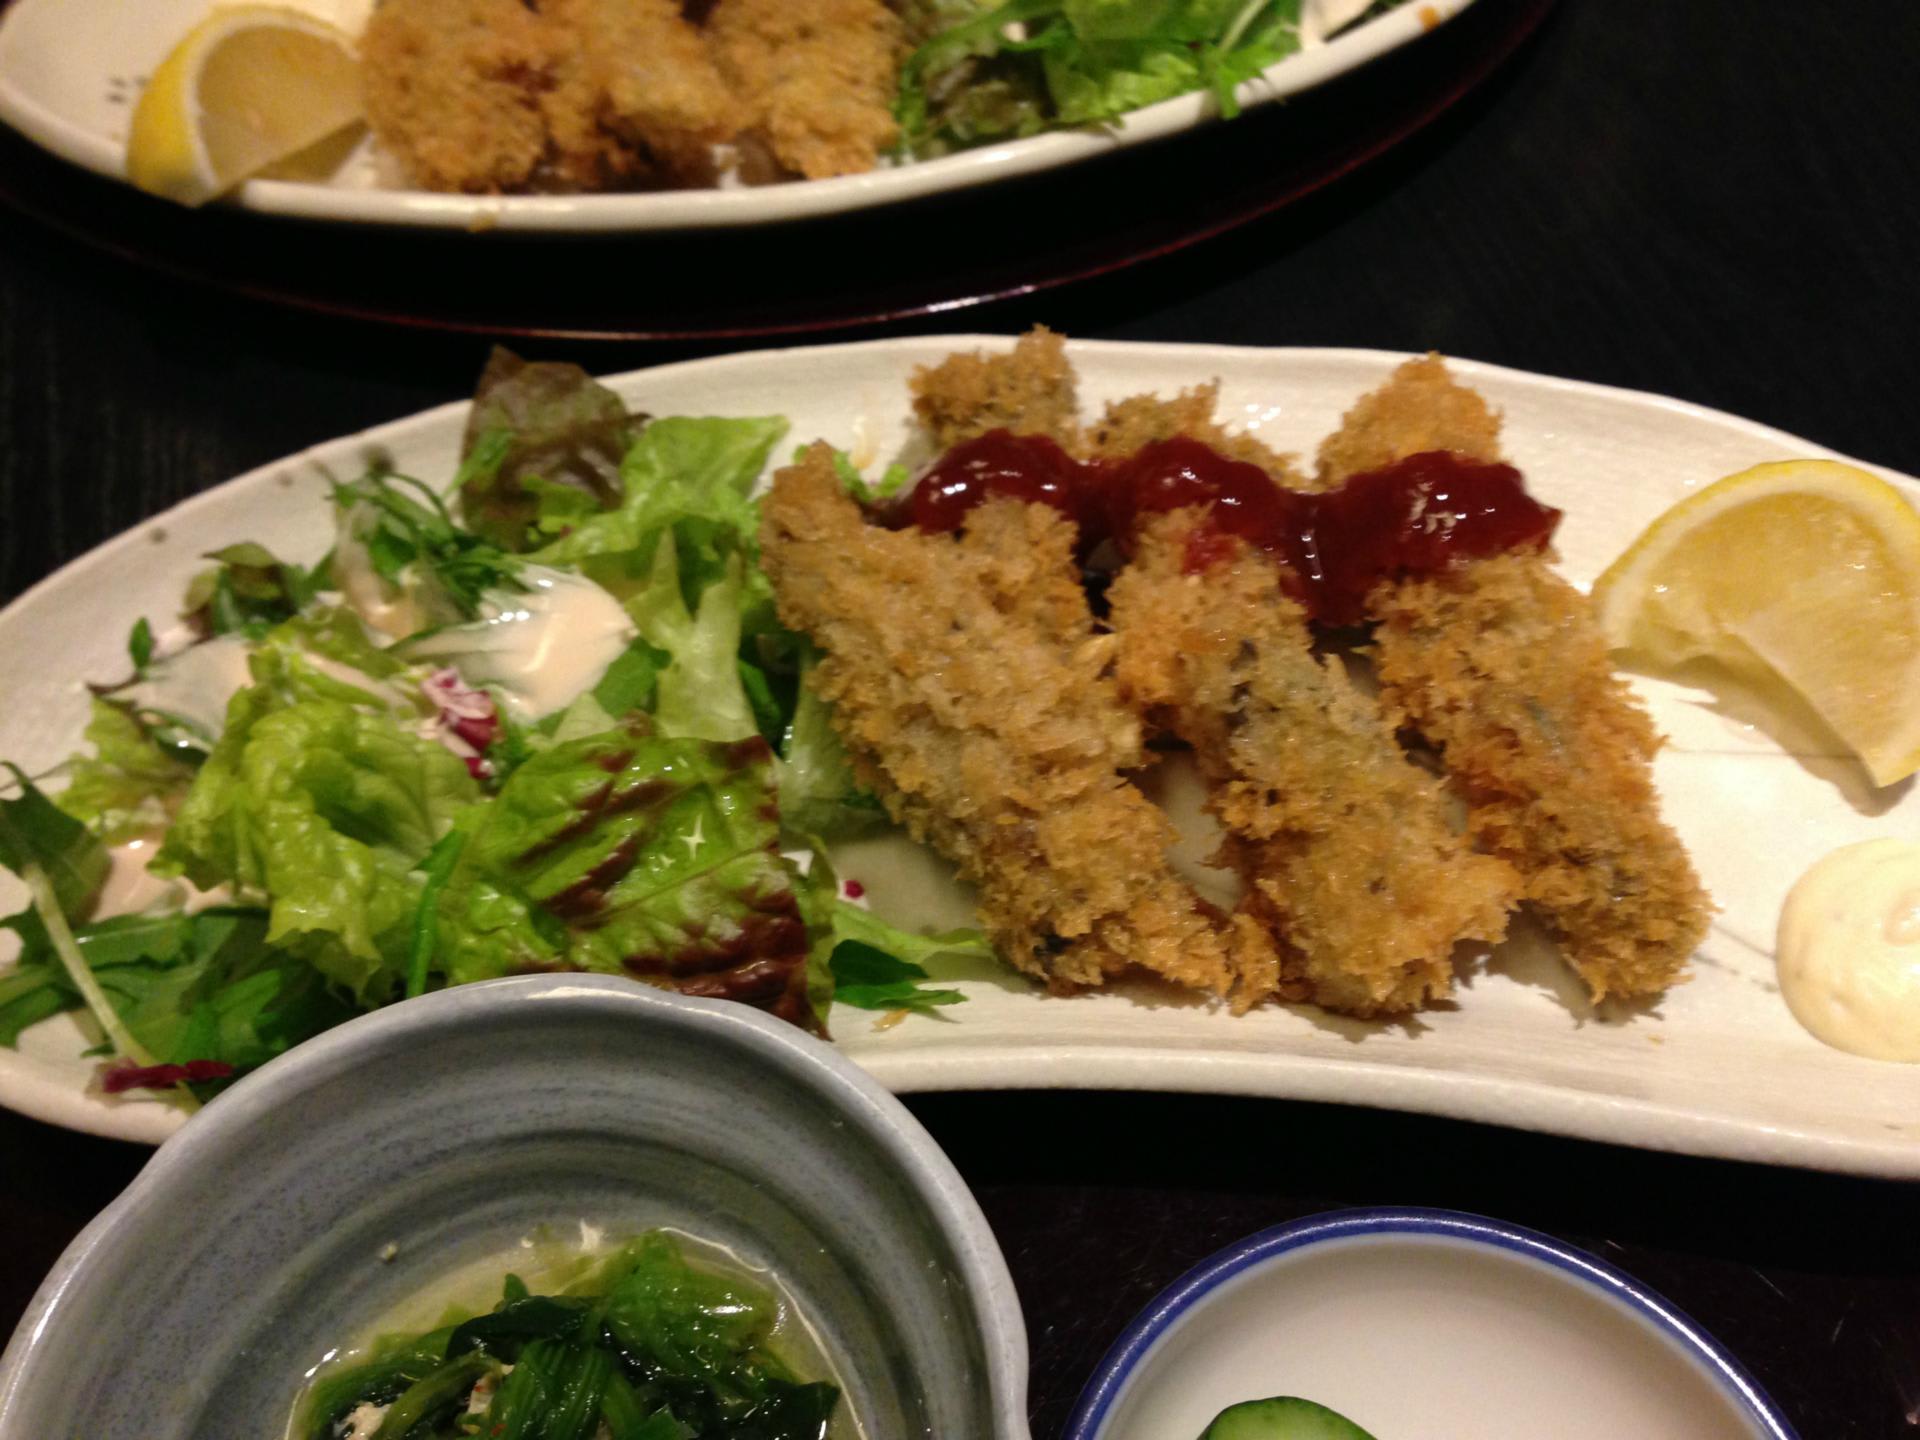 銀座ライオン 広島駅ビル店 メニュー:FOOD【料理 …